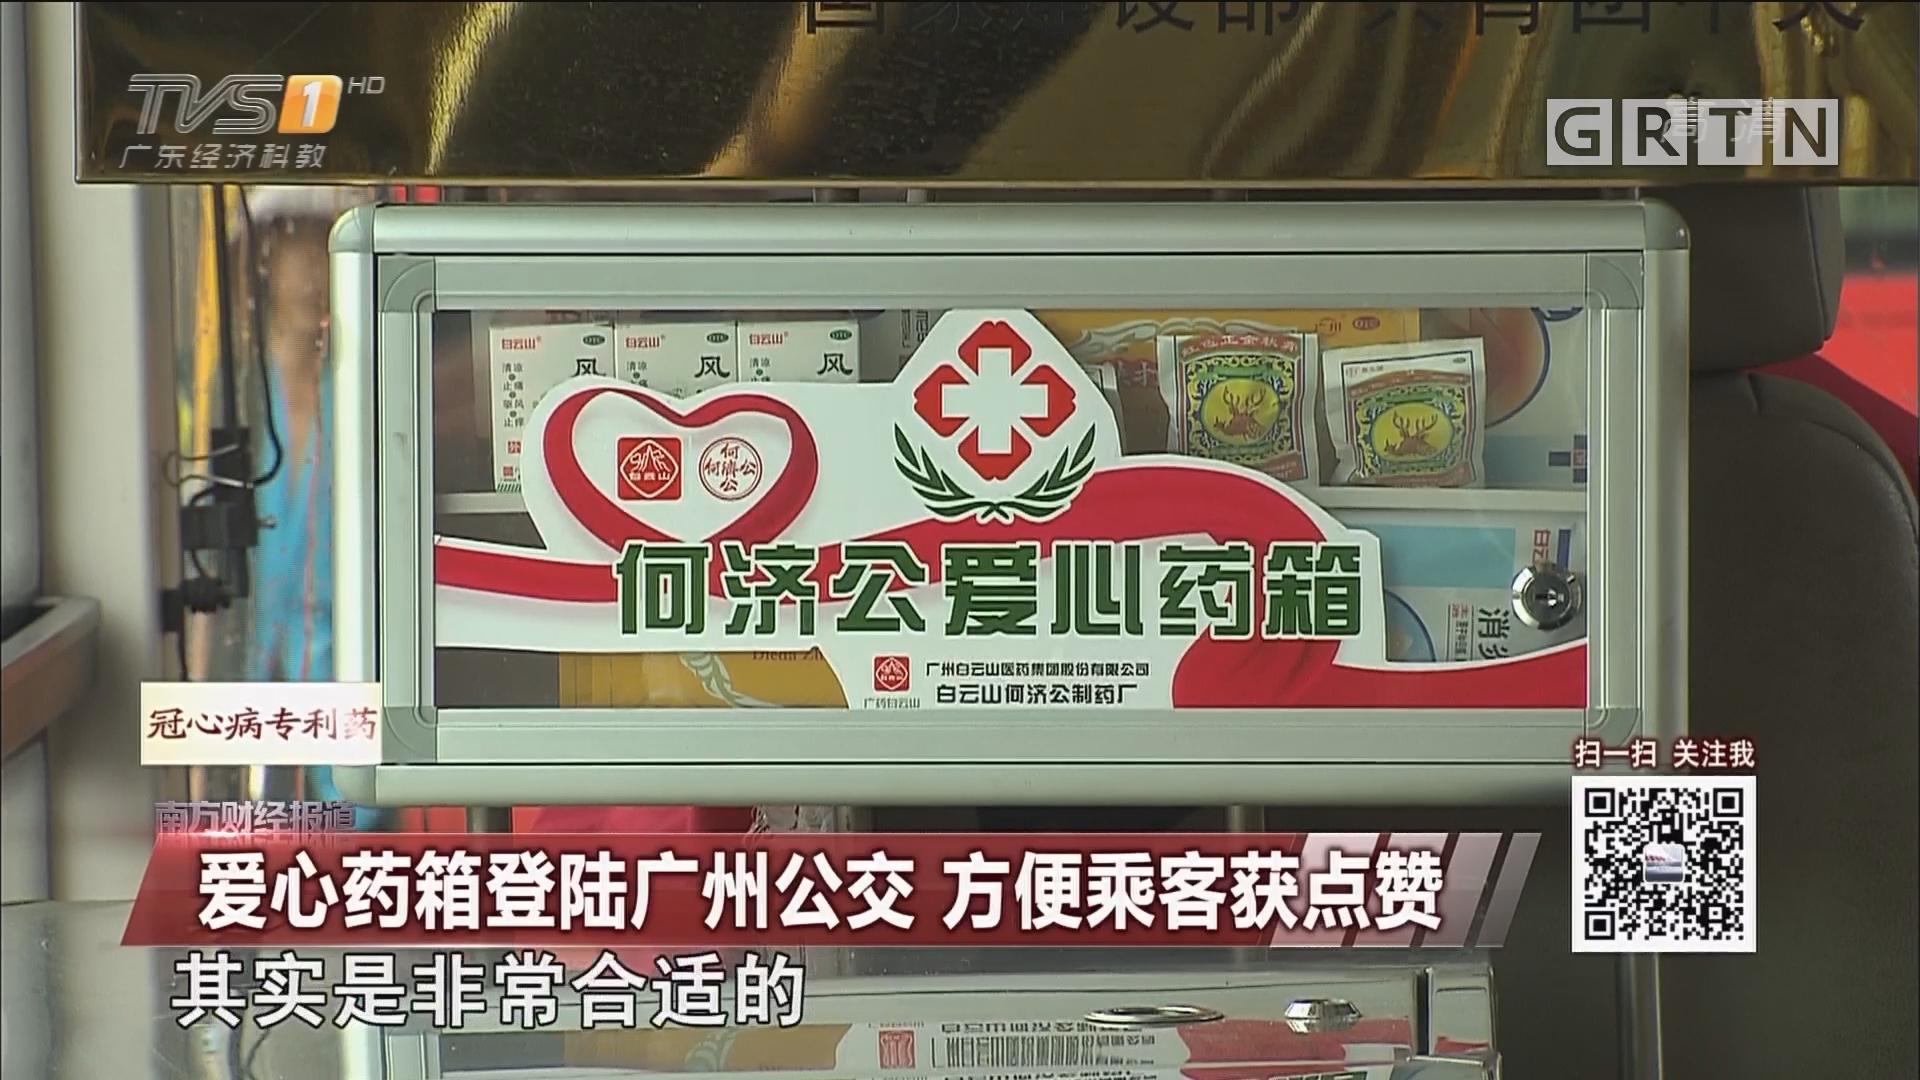 爱心药箱登陆广州公交 方便乘客获点赞